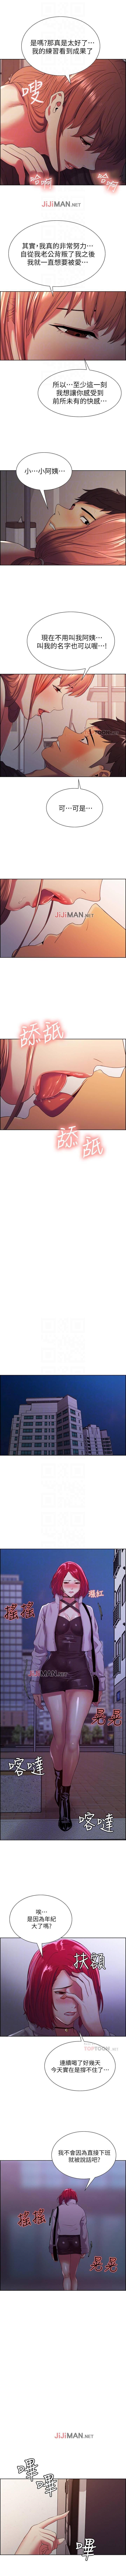 【周二连载】室友招募中(作者:Serious) 第1~13话 75